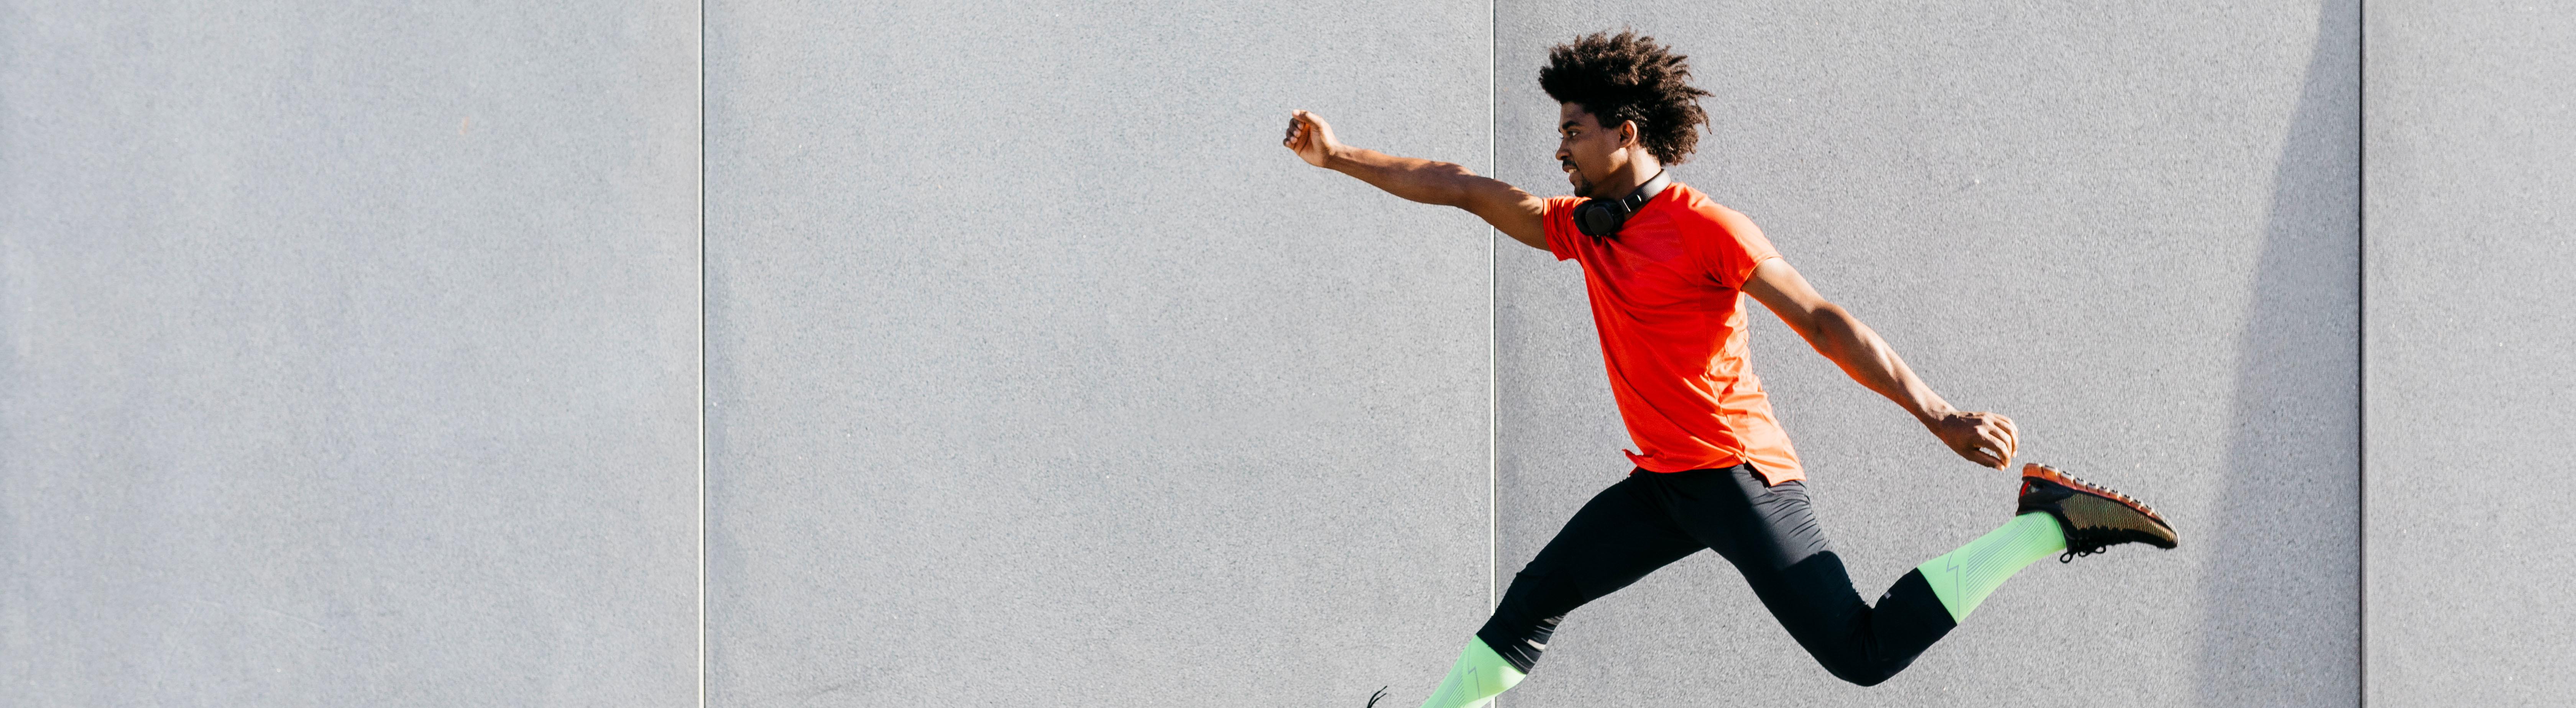 Mann, der Sport macht und hochspringt